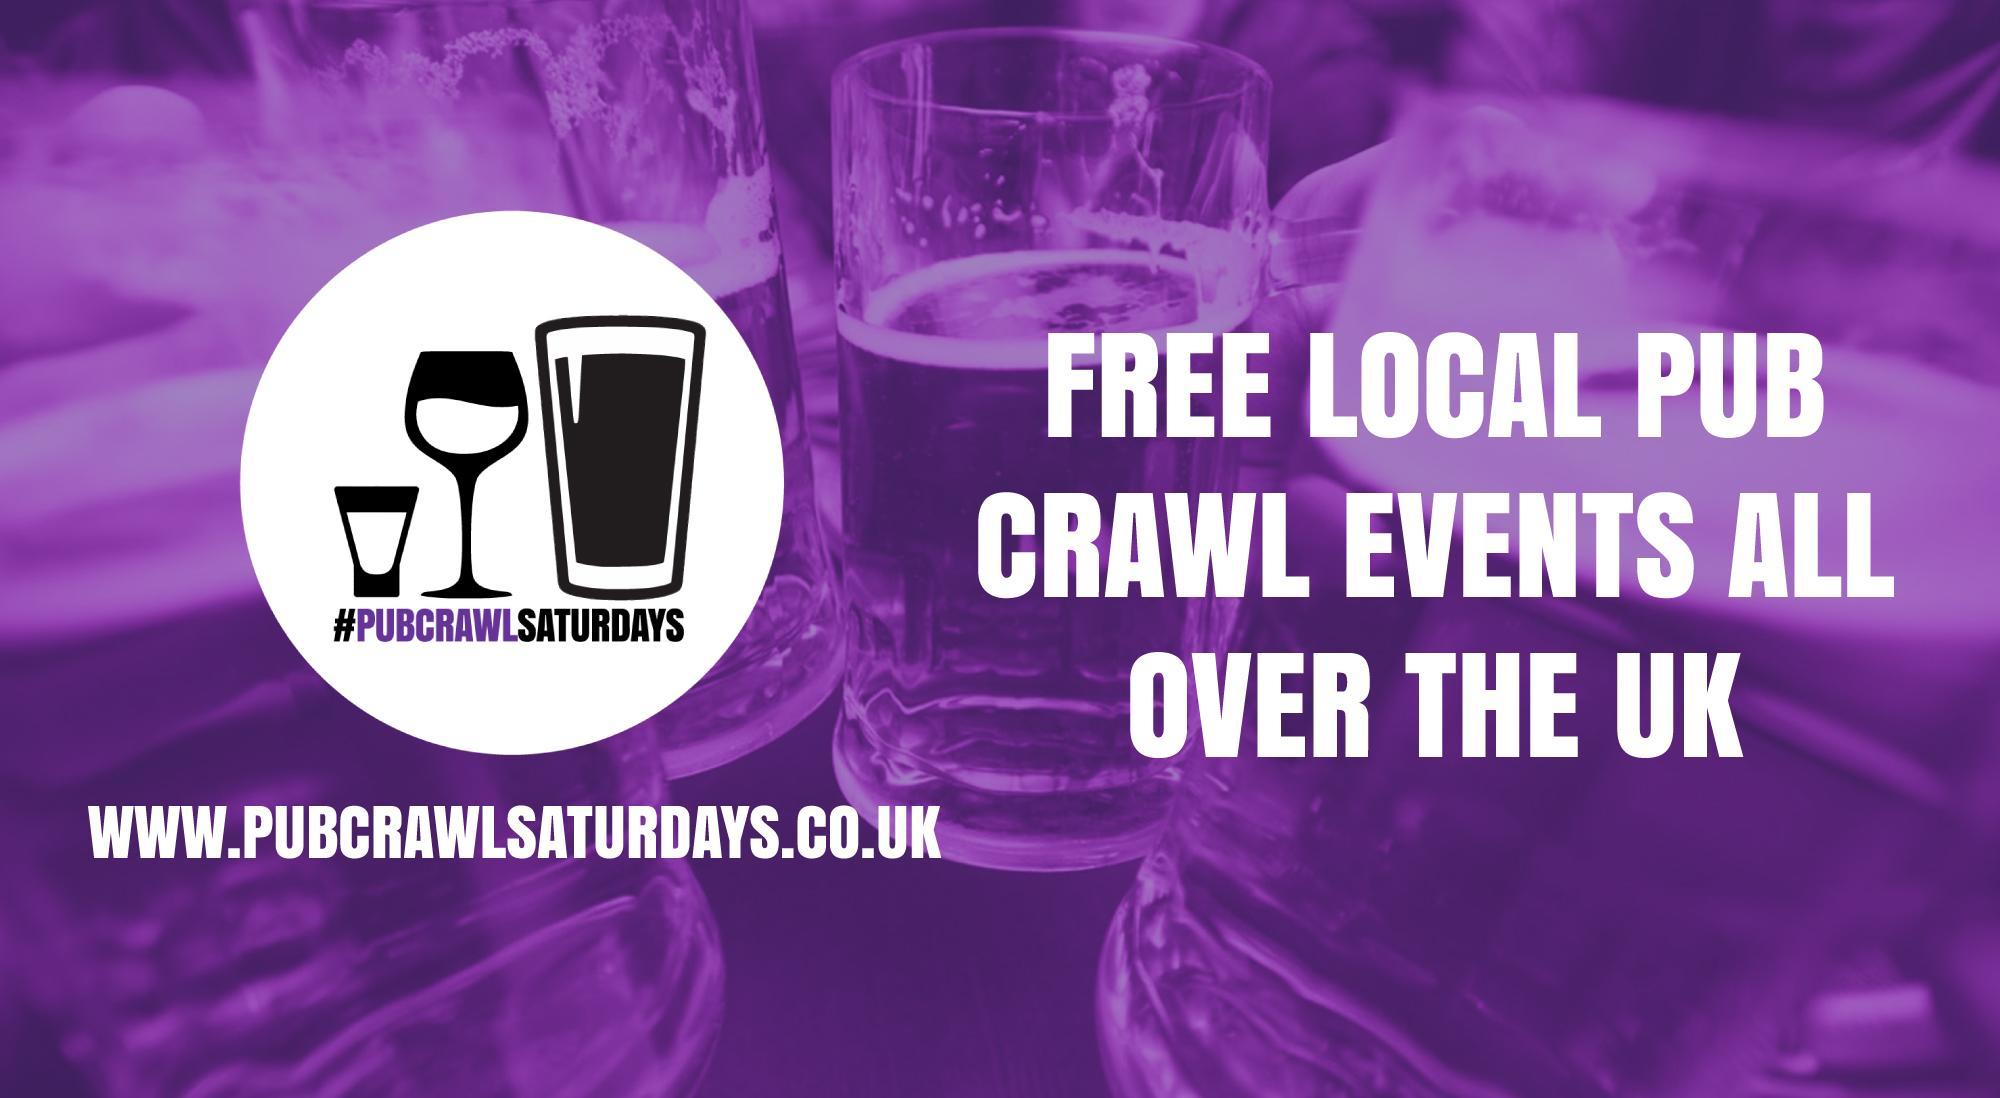 PUB CRAWL SATURDAYS! Free weekly pub crawl event in Rotherham